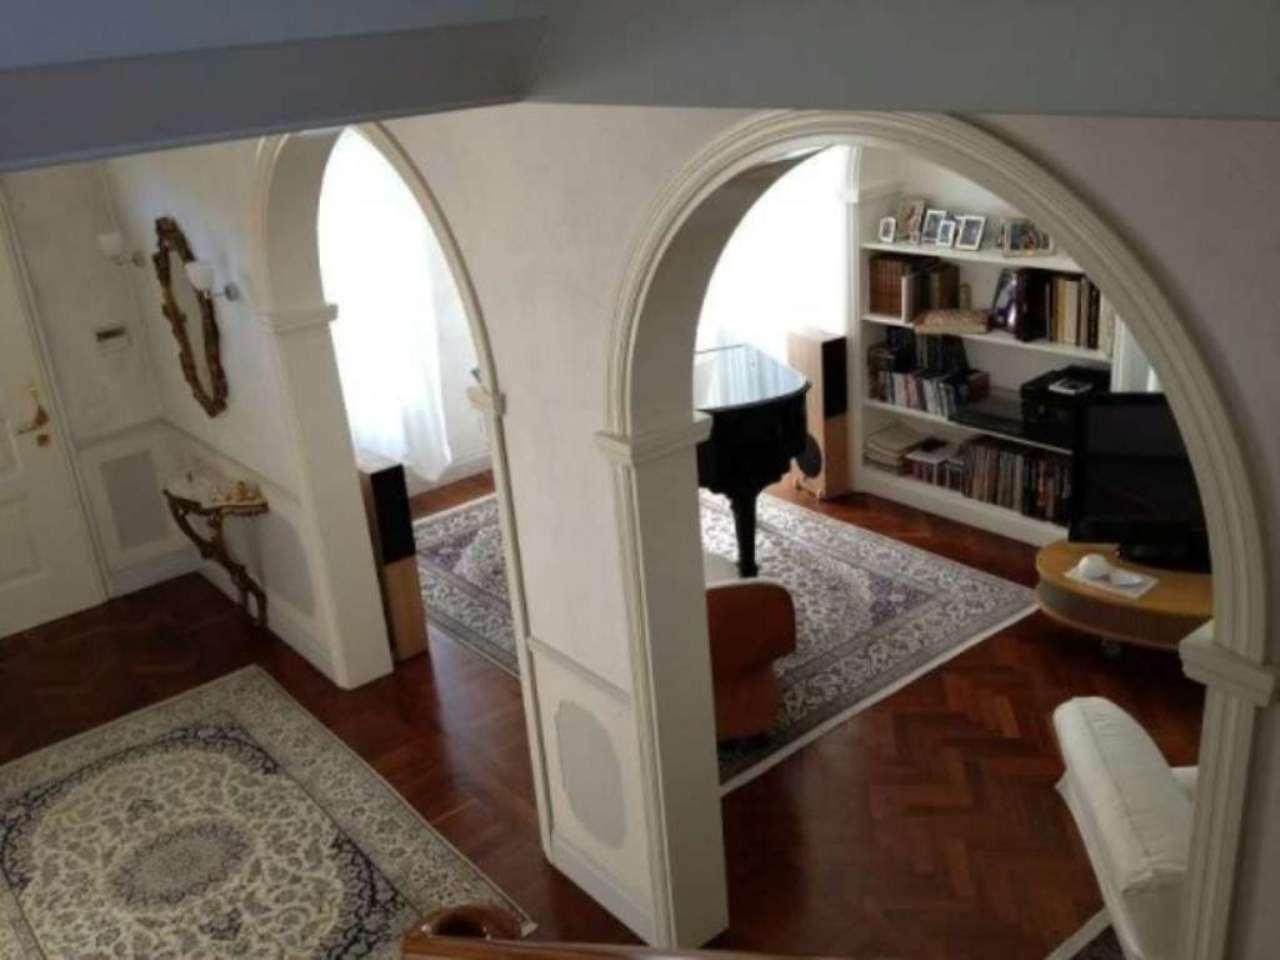 Villa in vendita a Venezia, 6 locali, zona Zona: 11 . Mestre, prezzo € 1.150.000   Cambio Casa.it